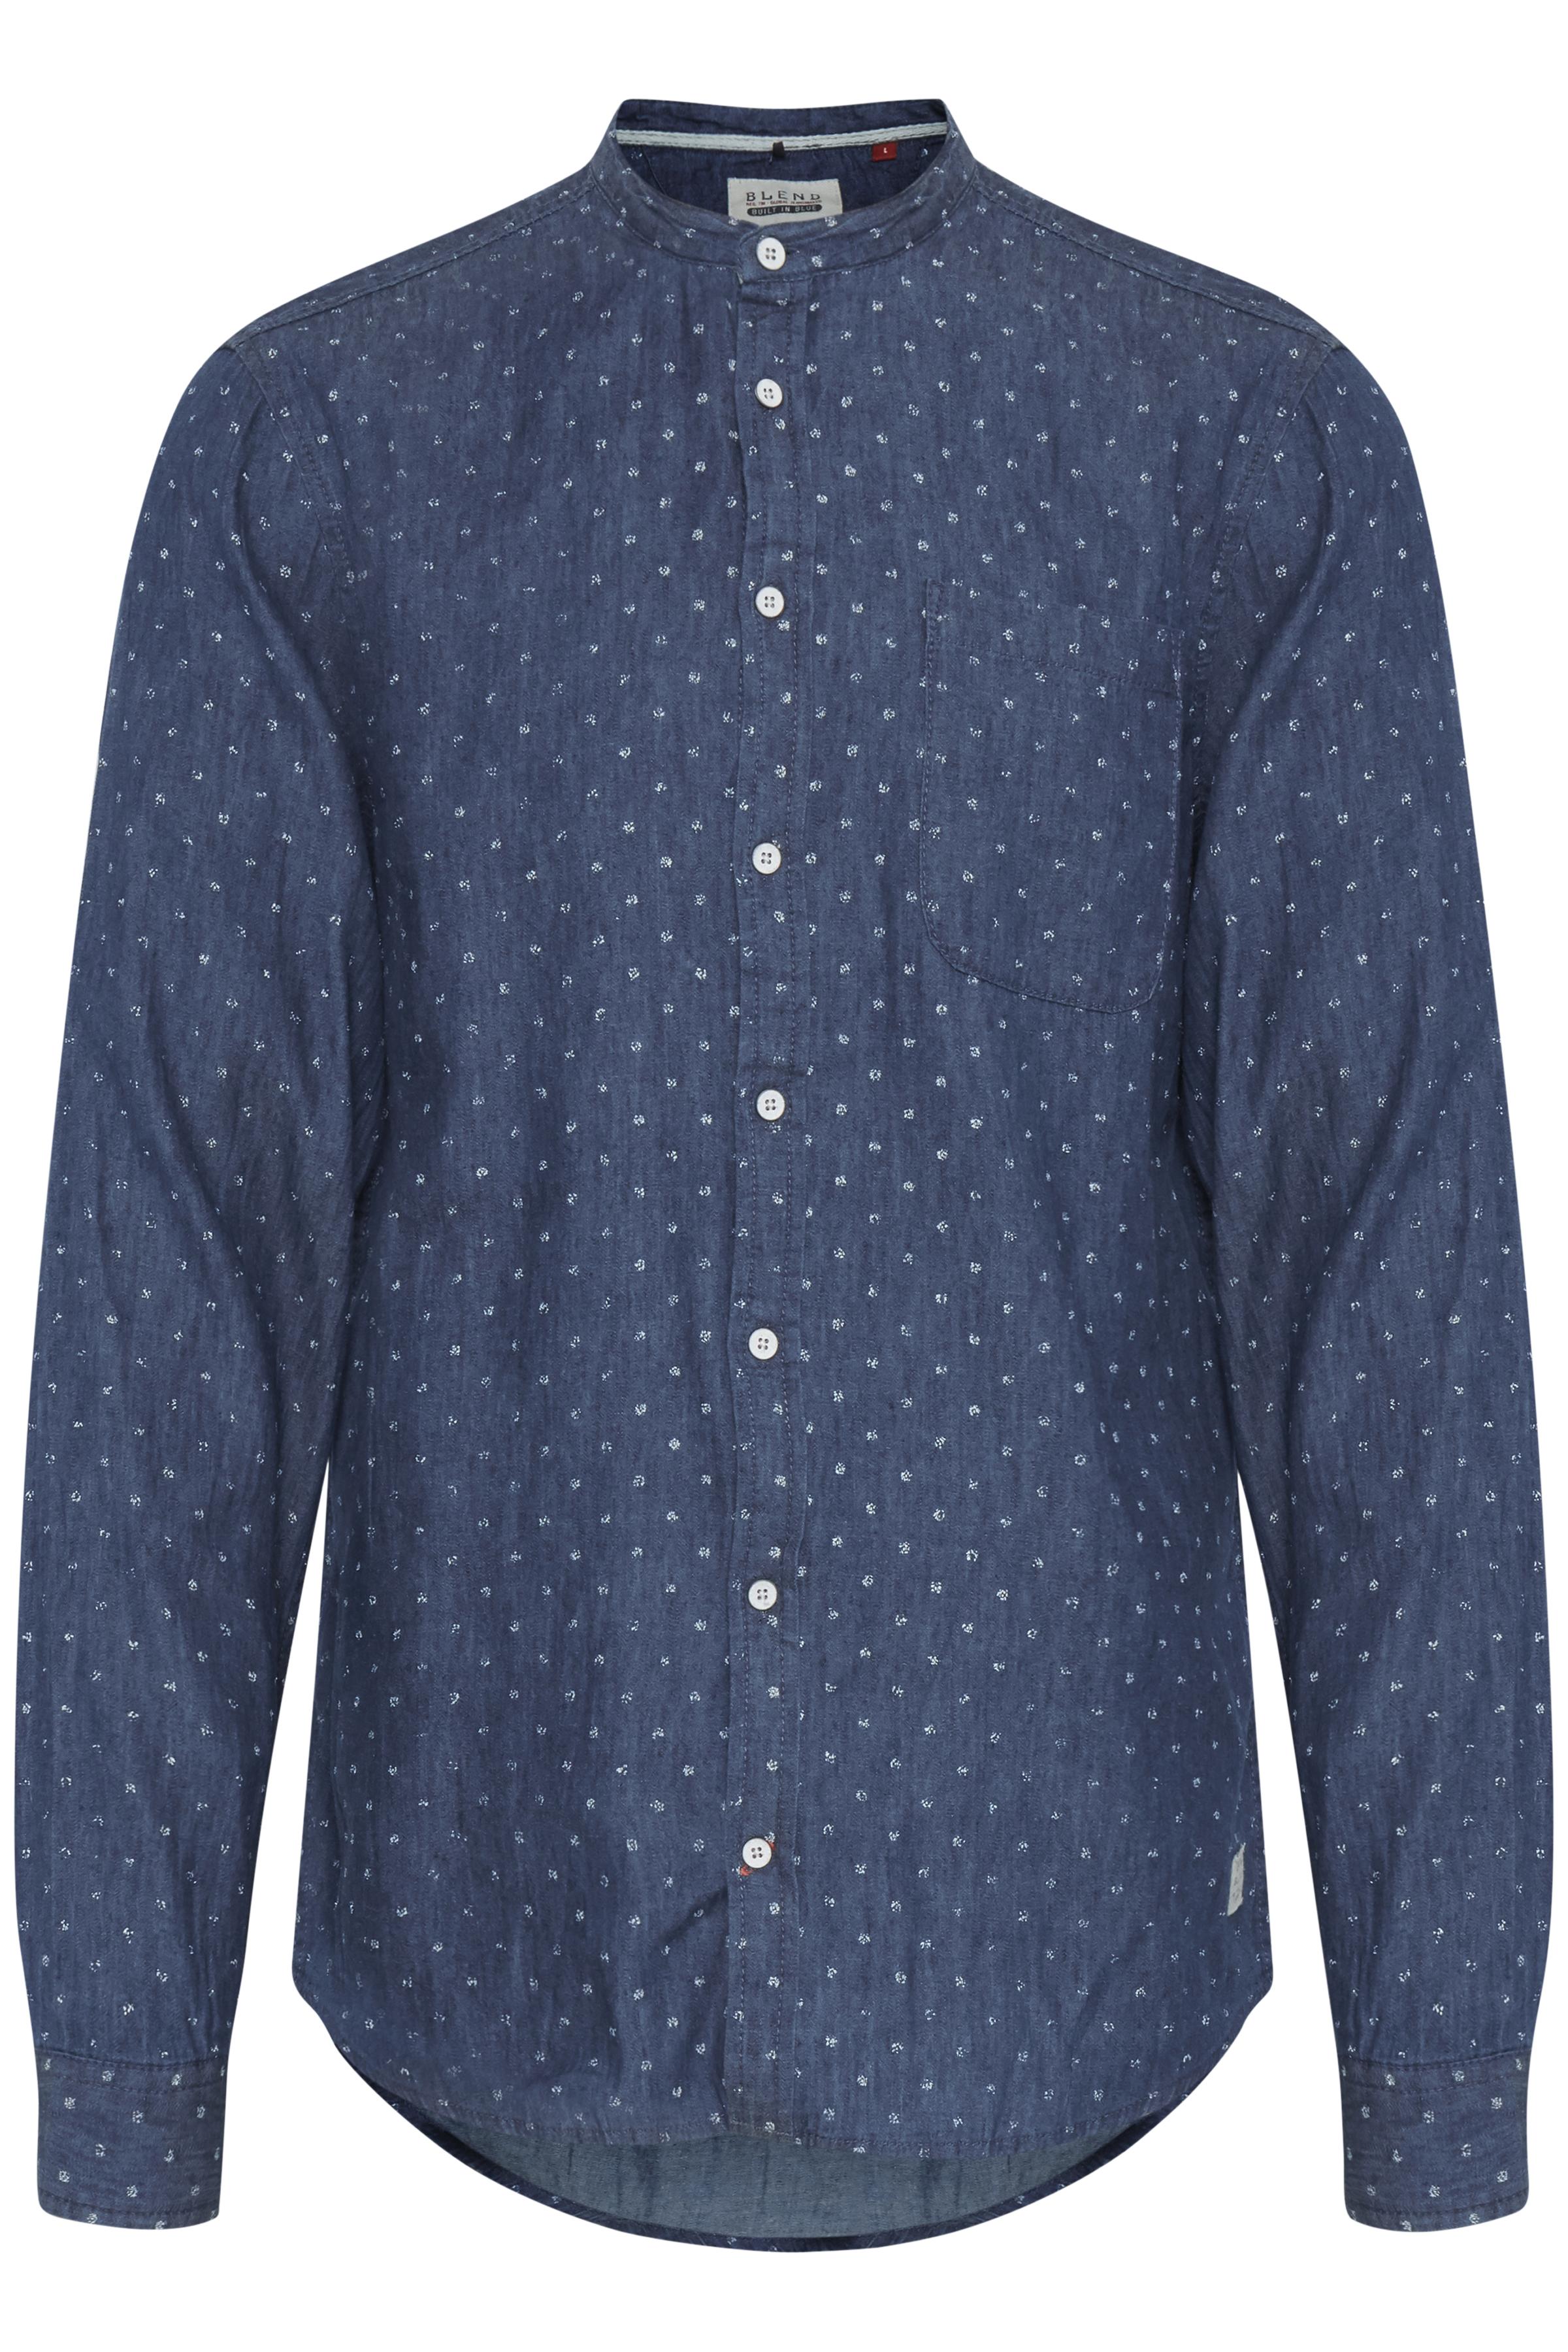 White Langærmet skjorte – Køb White Langærmet skjorte fra str. S-XL her